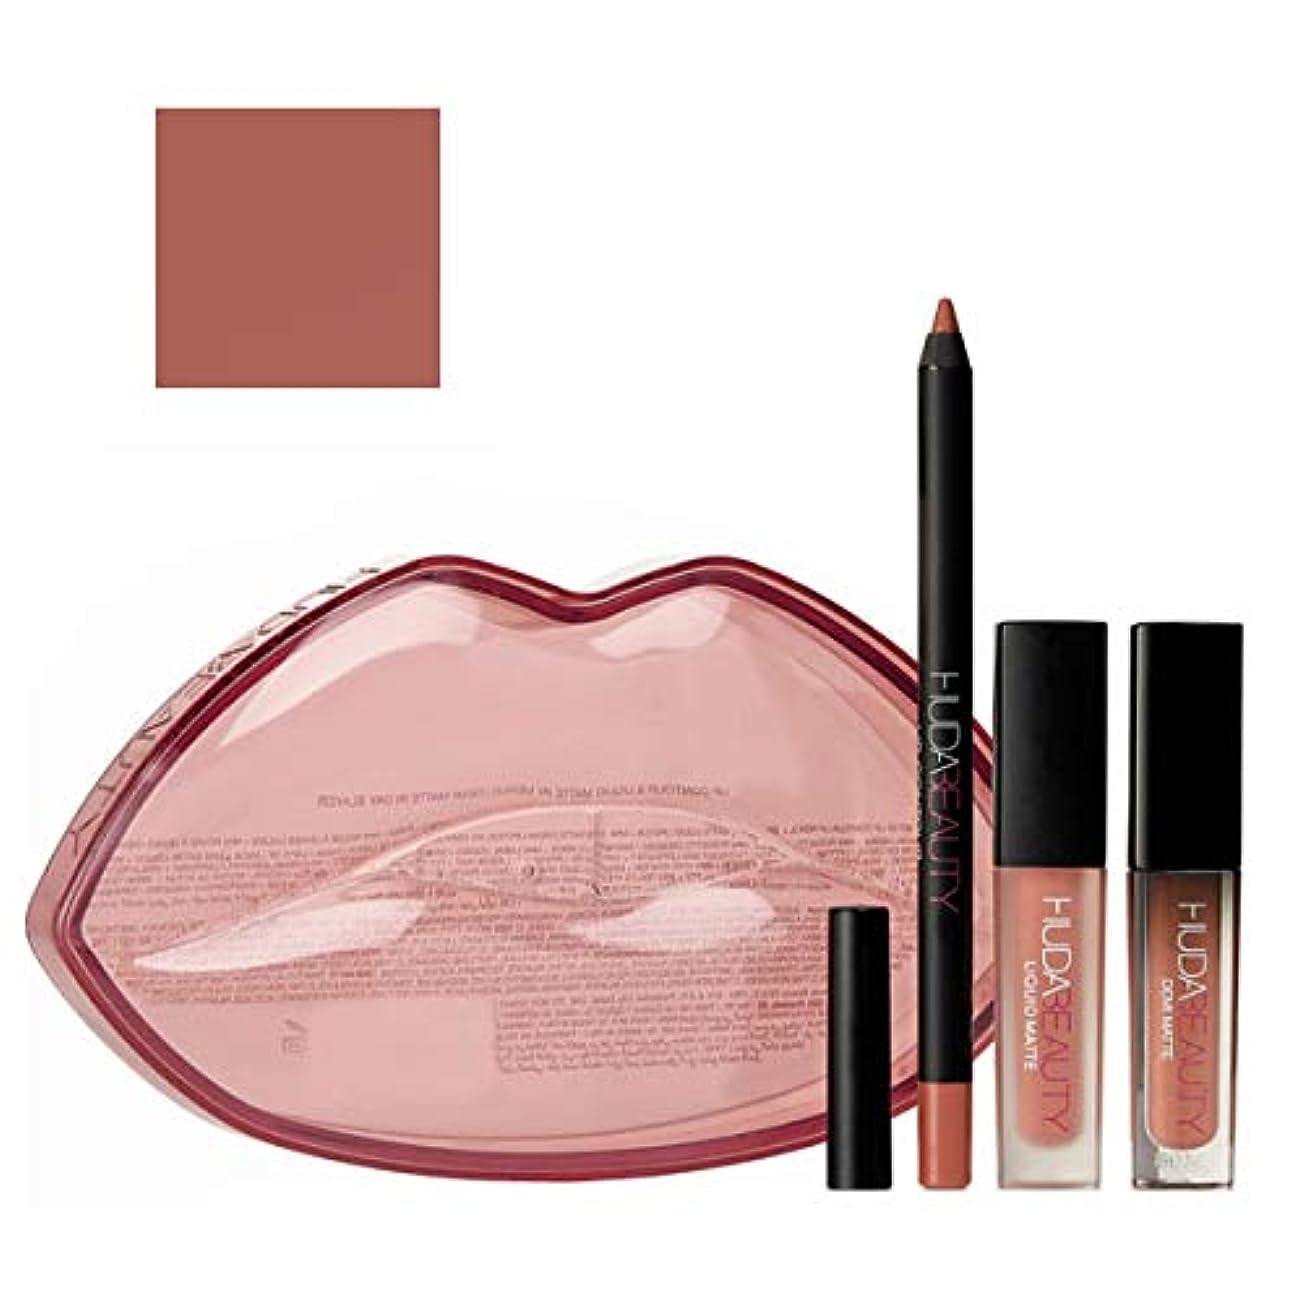 専門化する民間味方HUDA BEAUTY 限定版 Demi Matte & Cream Lip Set - Mogul & Bombshell [海外直送品] [並行輸入品]